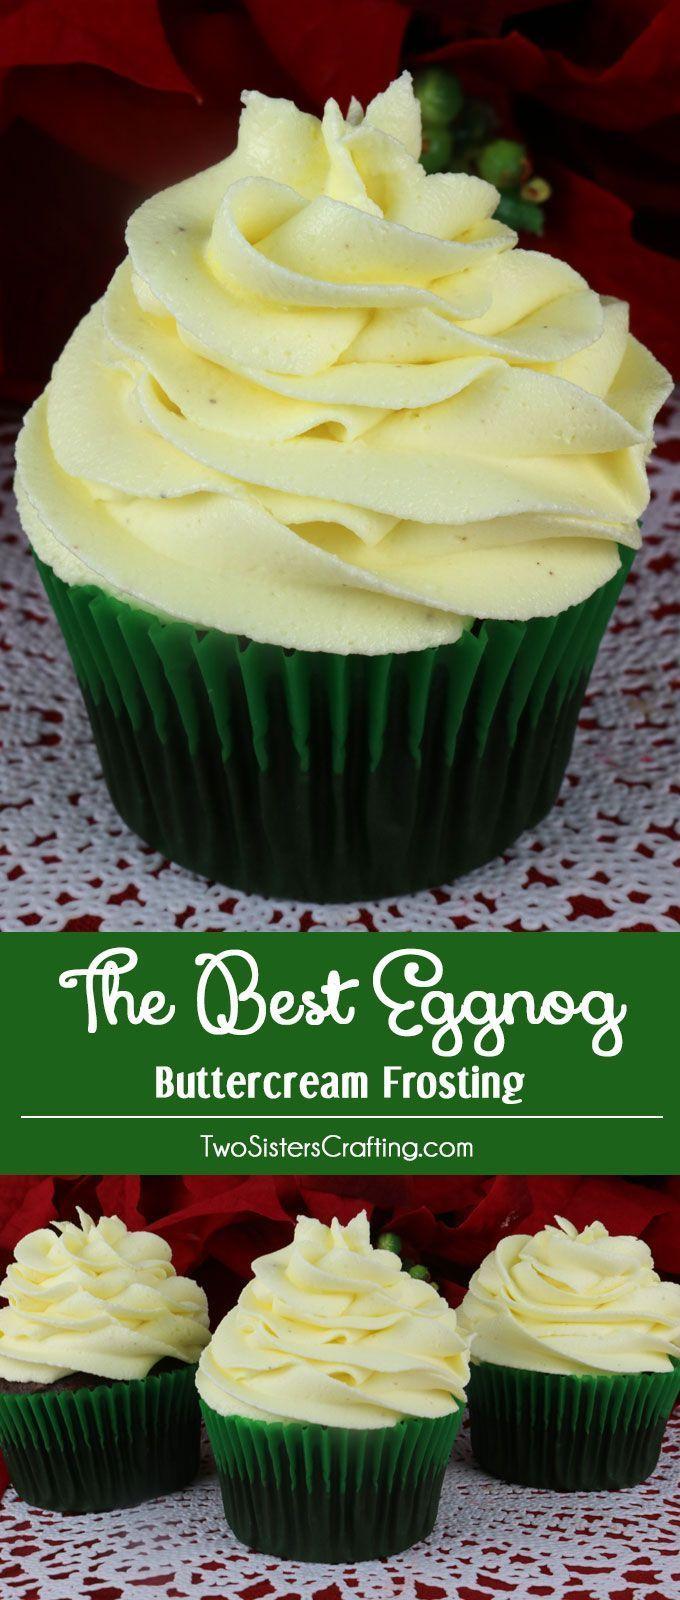 Dies ist definitiv die beste Eierlikör-Buttercreme, die wir je probiert haben und …